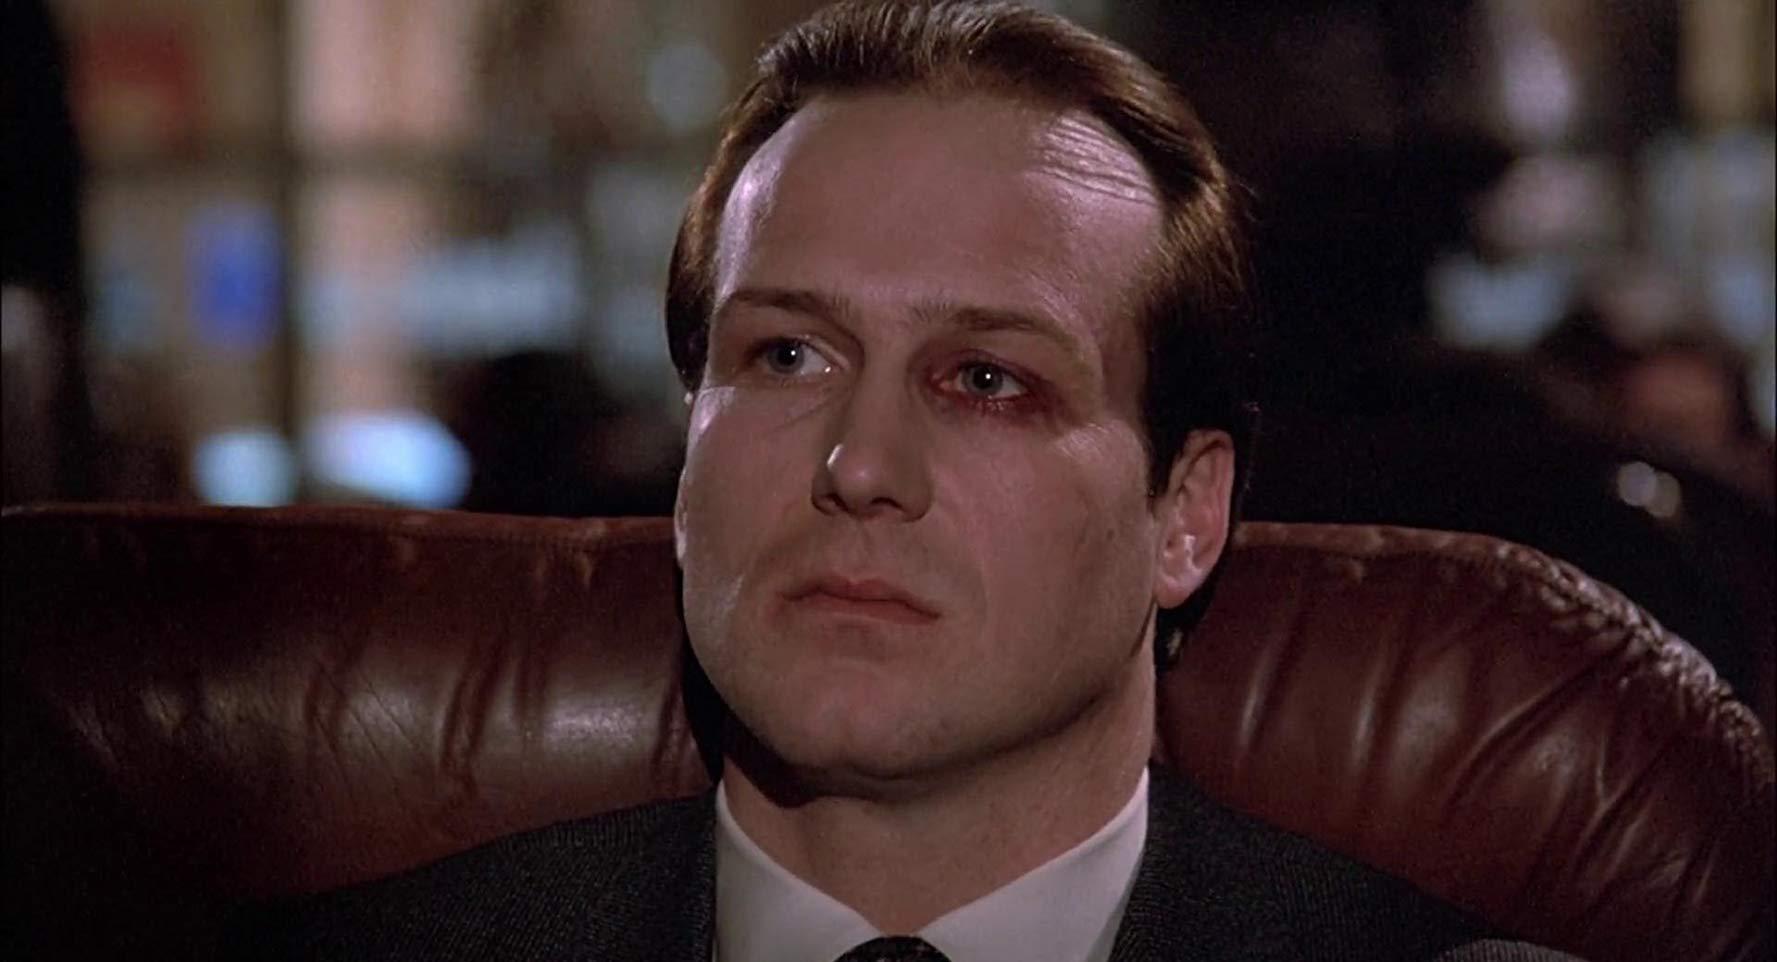 飾演藍柯的威廉赫特(William Hurt)。(取自IMDB)